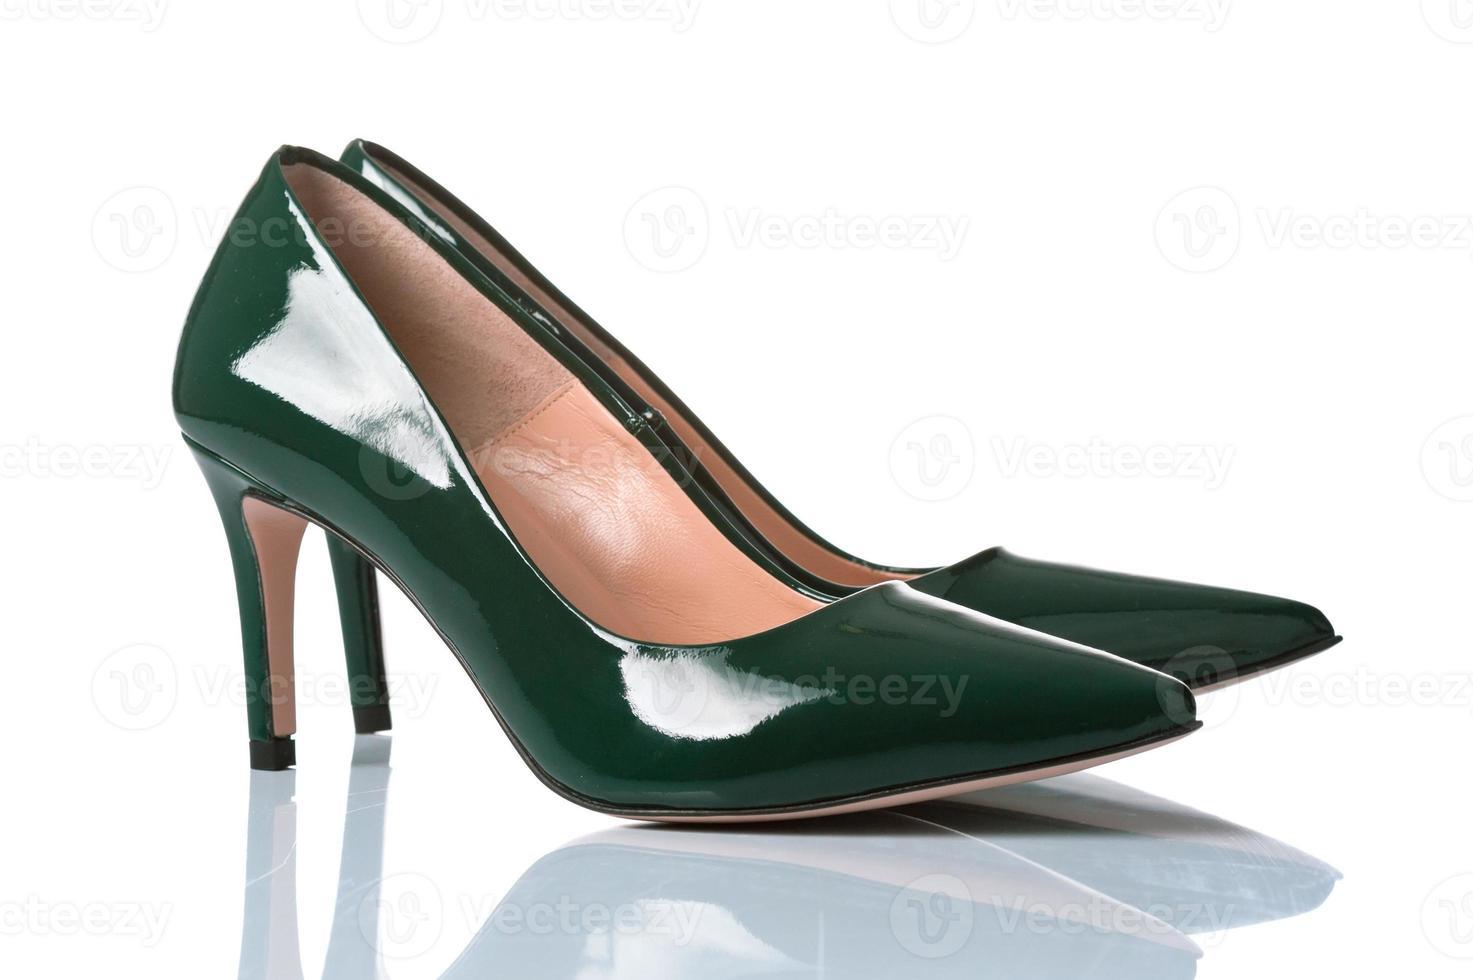 Paar weibliche Schuhe mit hohen Absätzen foto